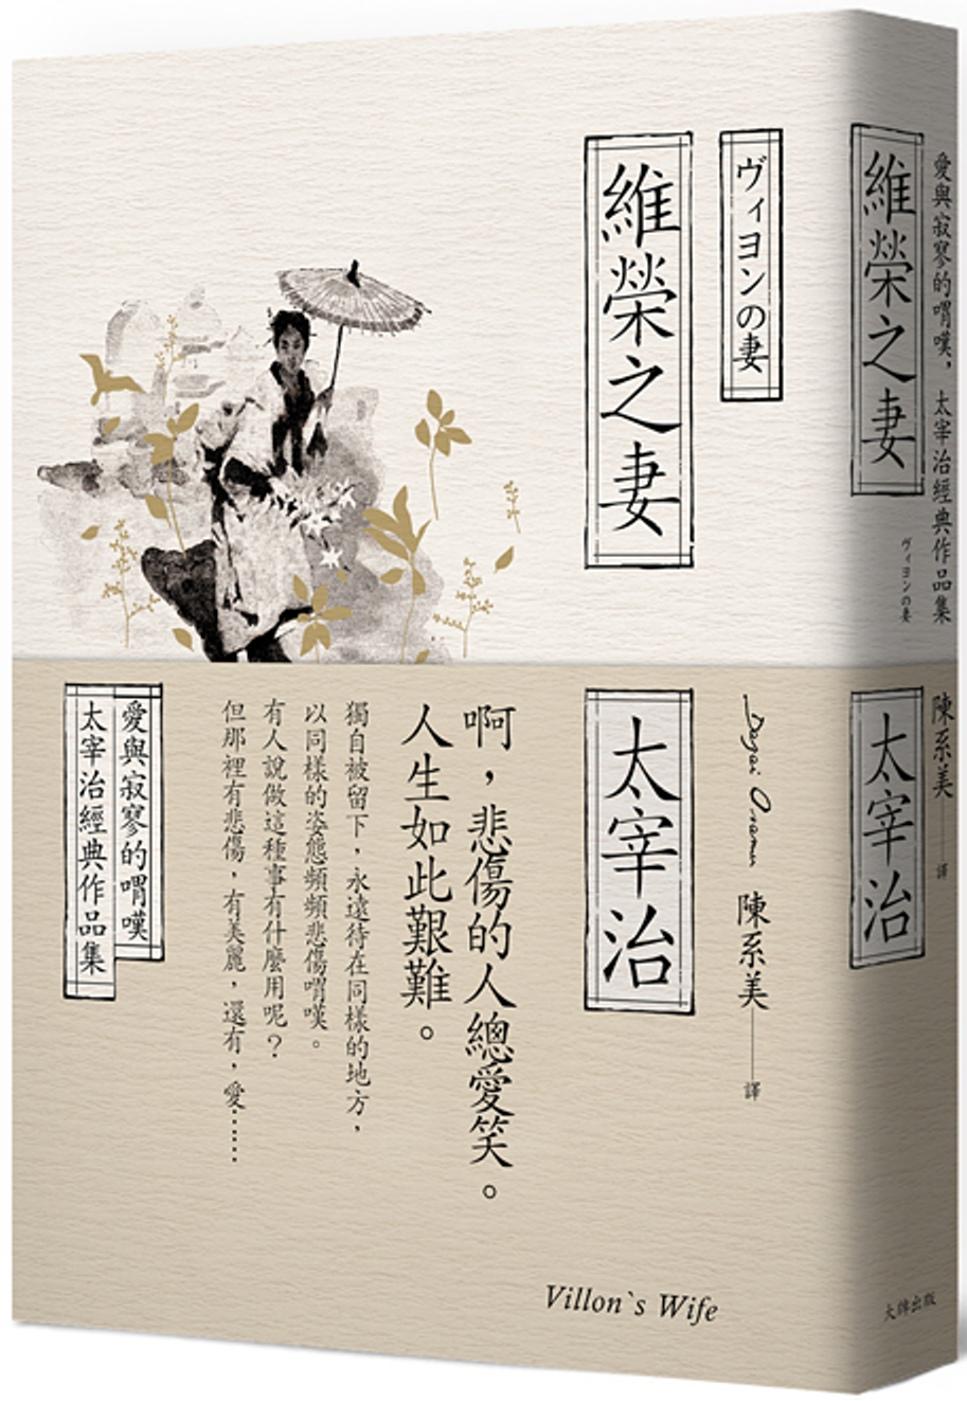 維榮之妻:愛與寂寥的喟嘆,太宰治經典作品集